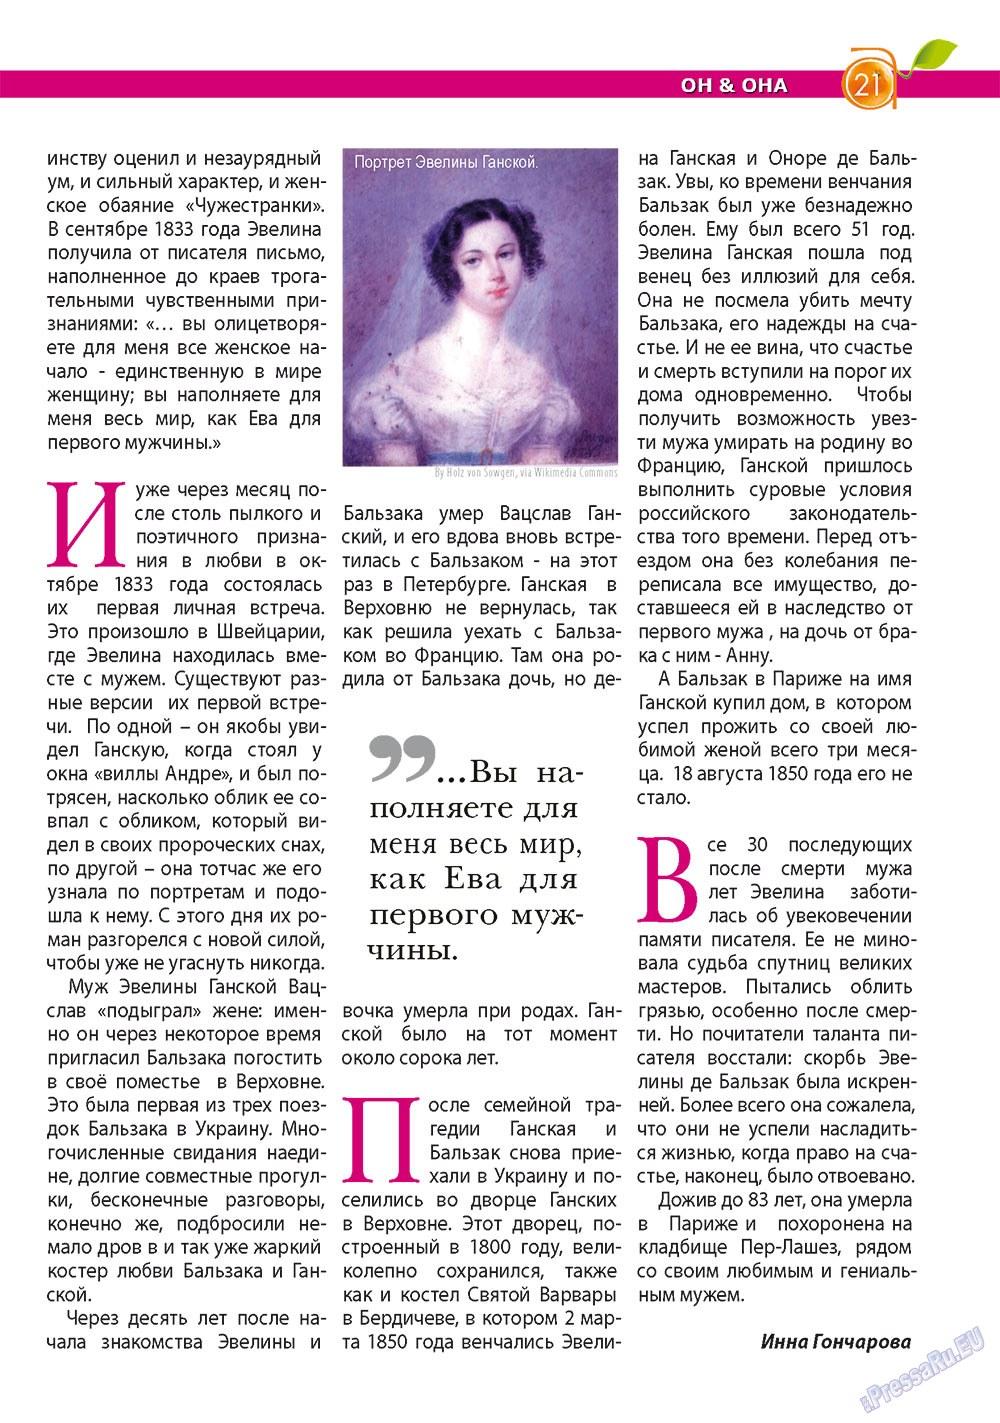 Апельсин (журнал). 2011 год, номер 25, стр. 21